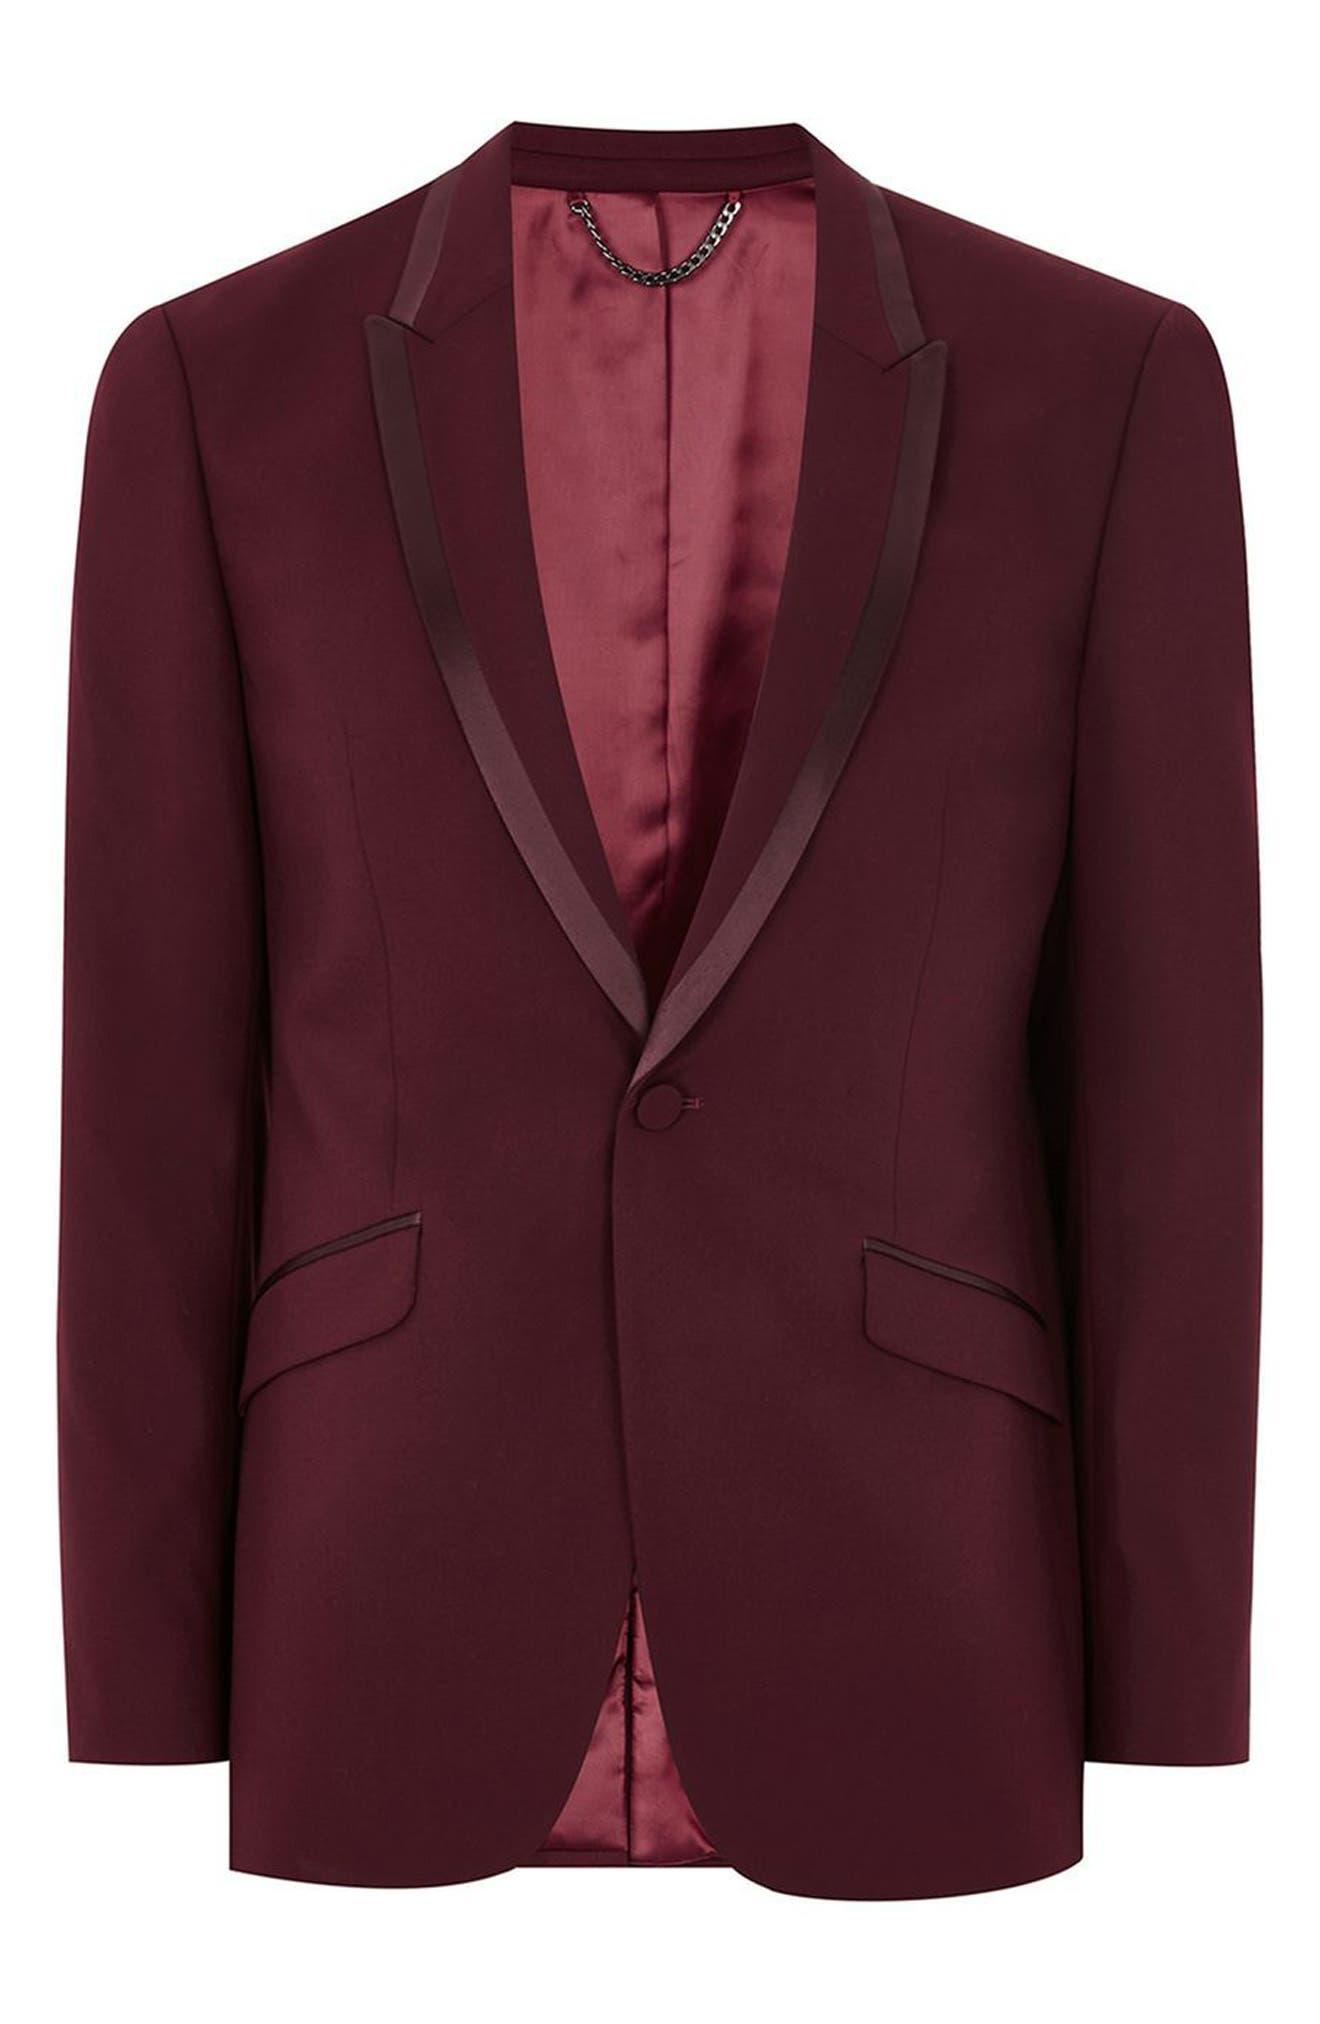 Skinny Fit Burgundy Tuxedo Jacket,                             Alternate thumbnail 5, color,                             Burgundy